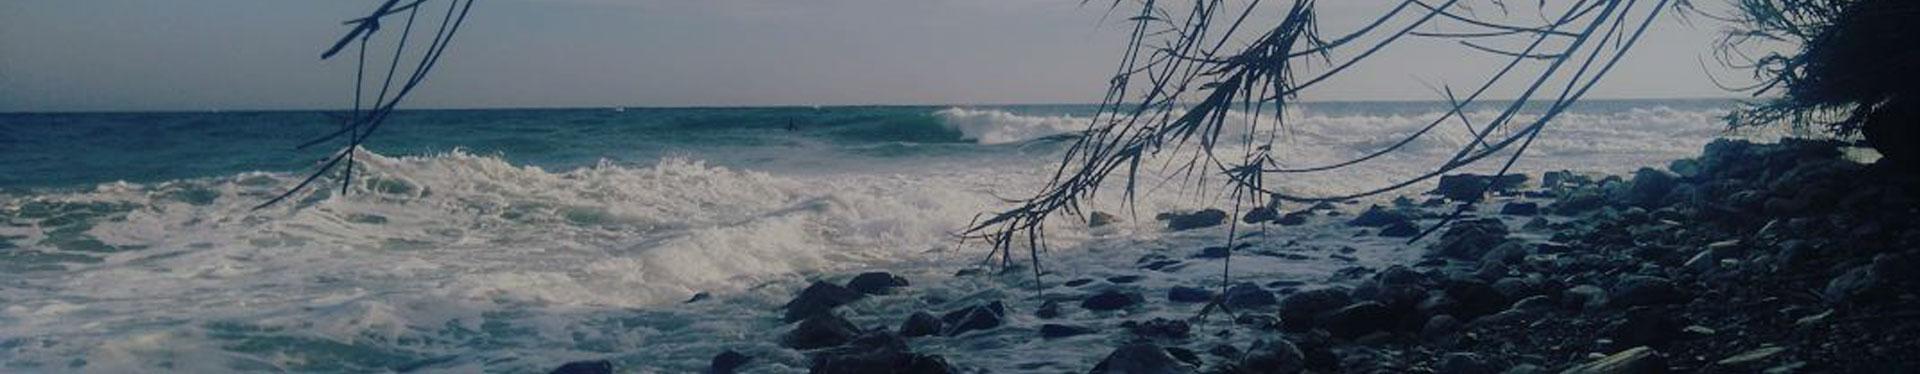 Listado playas de nerja y las mejores calas de nerja for Oficina de turismo nerja